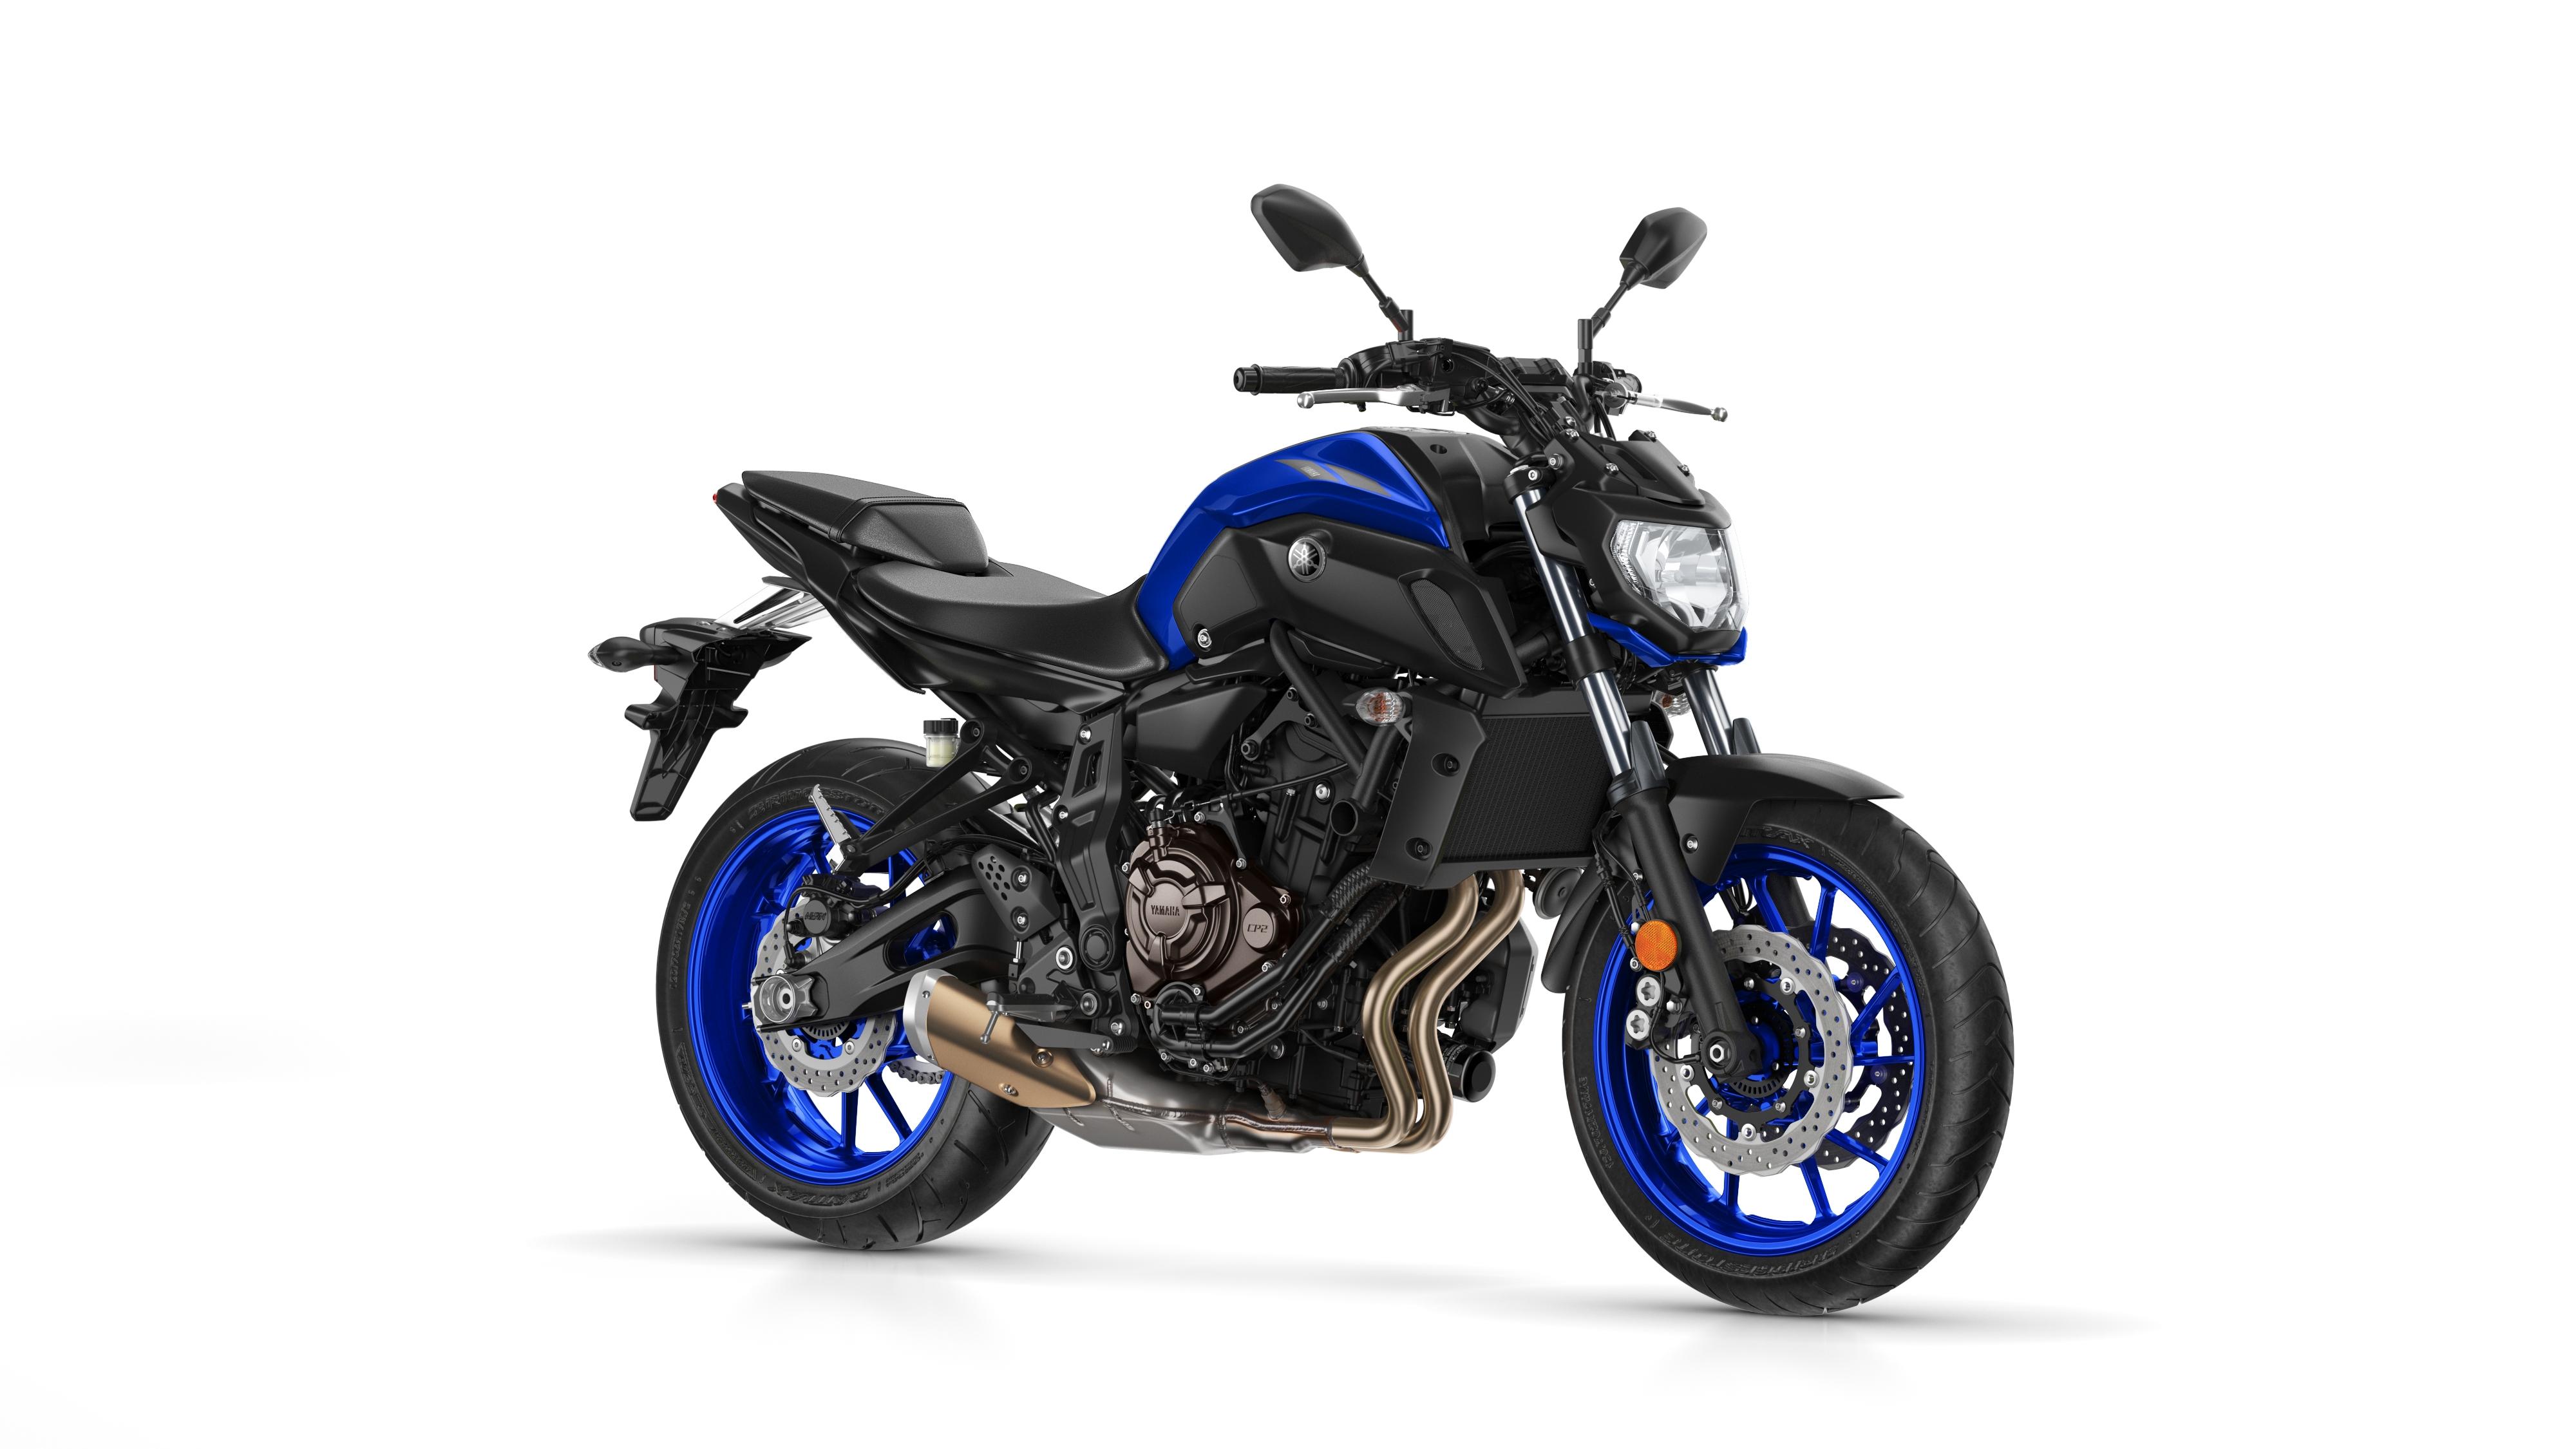 Blue 2018 Yamaha MT07 Motorcycle stationary